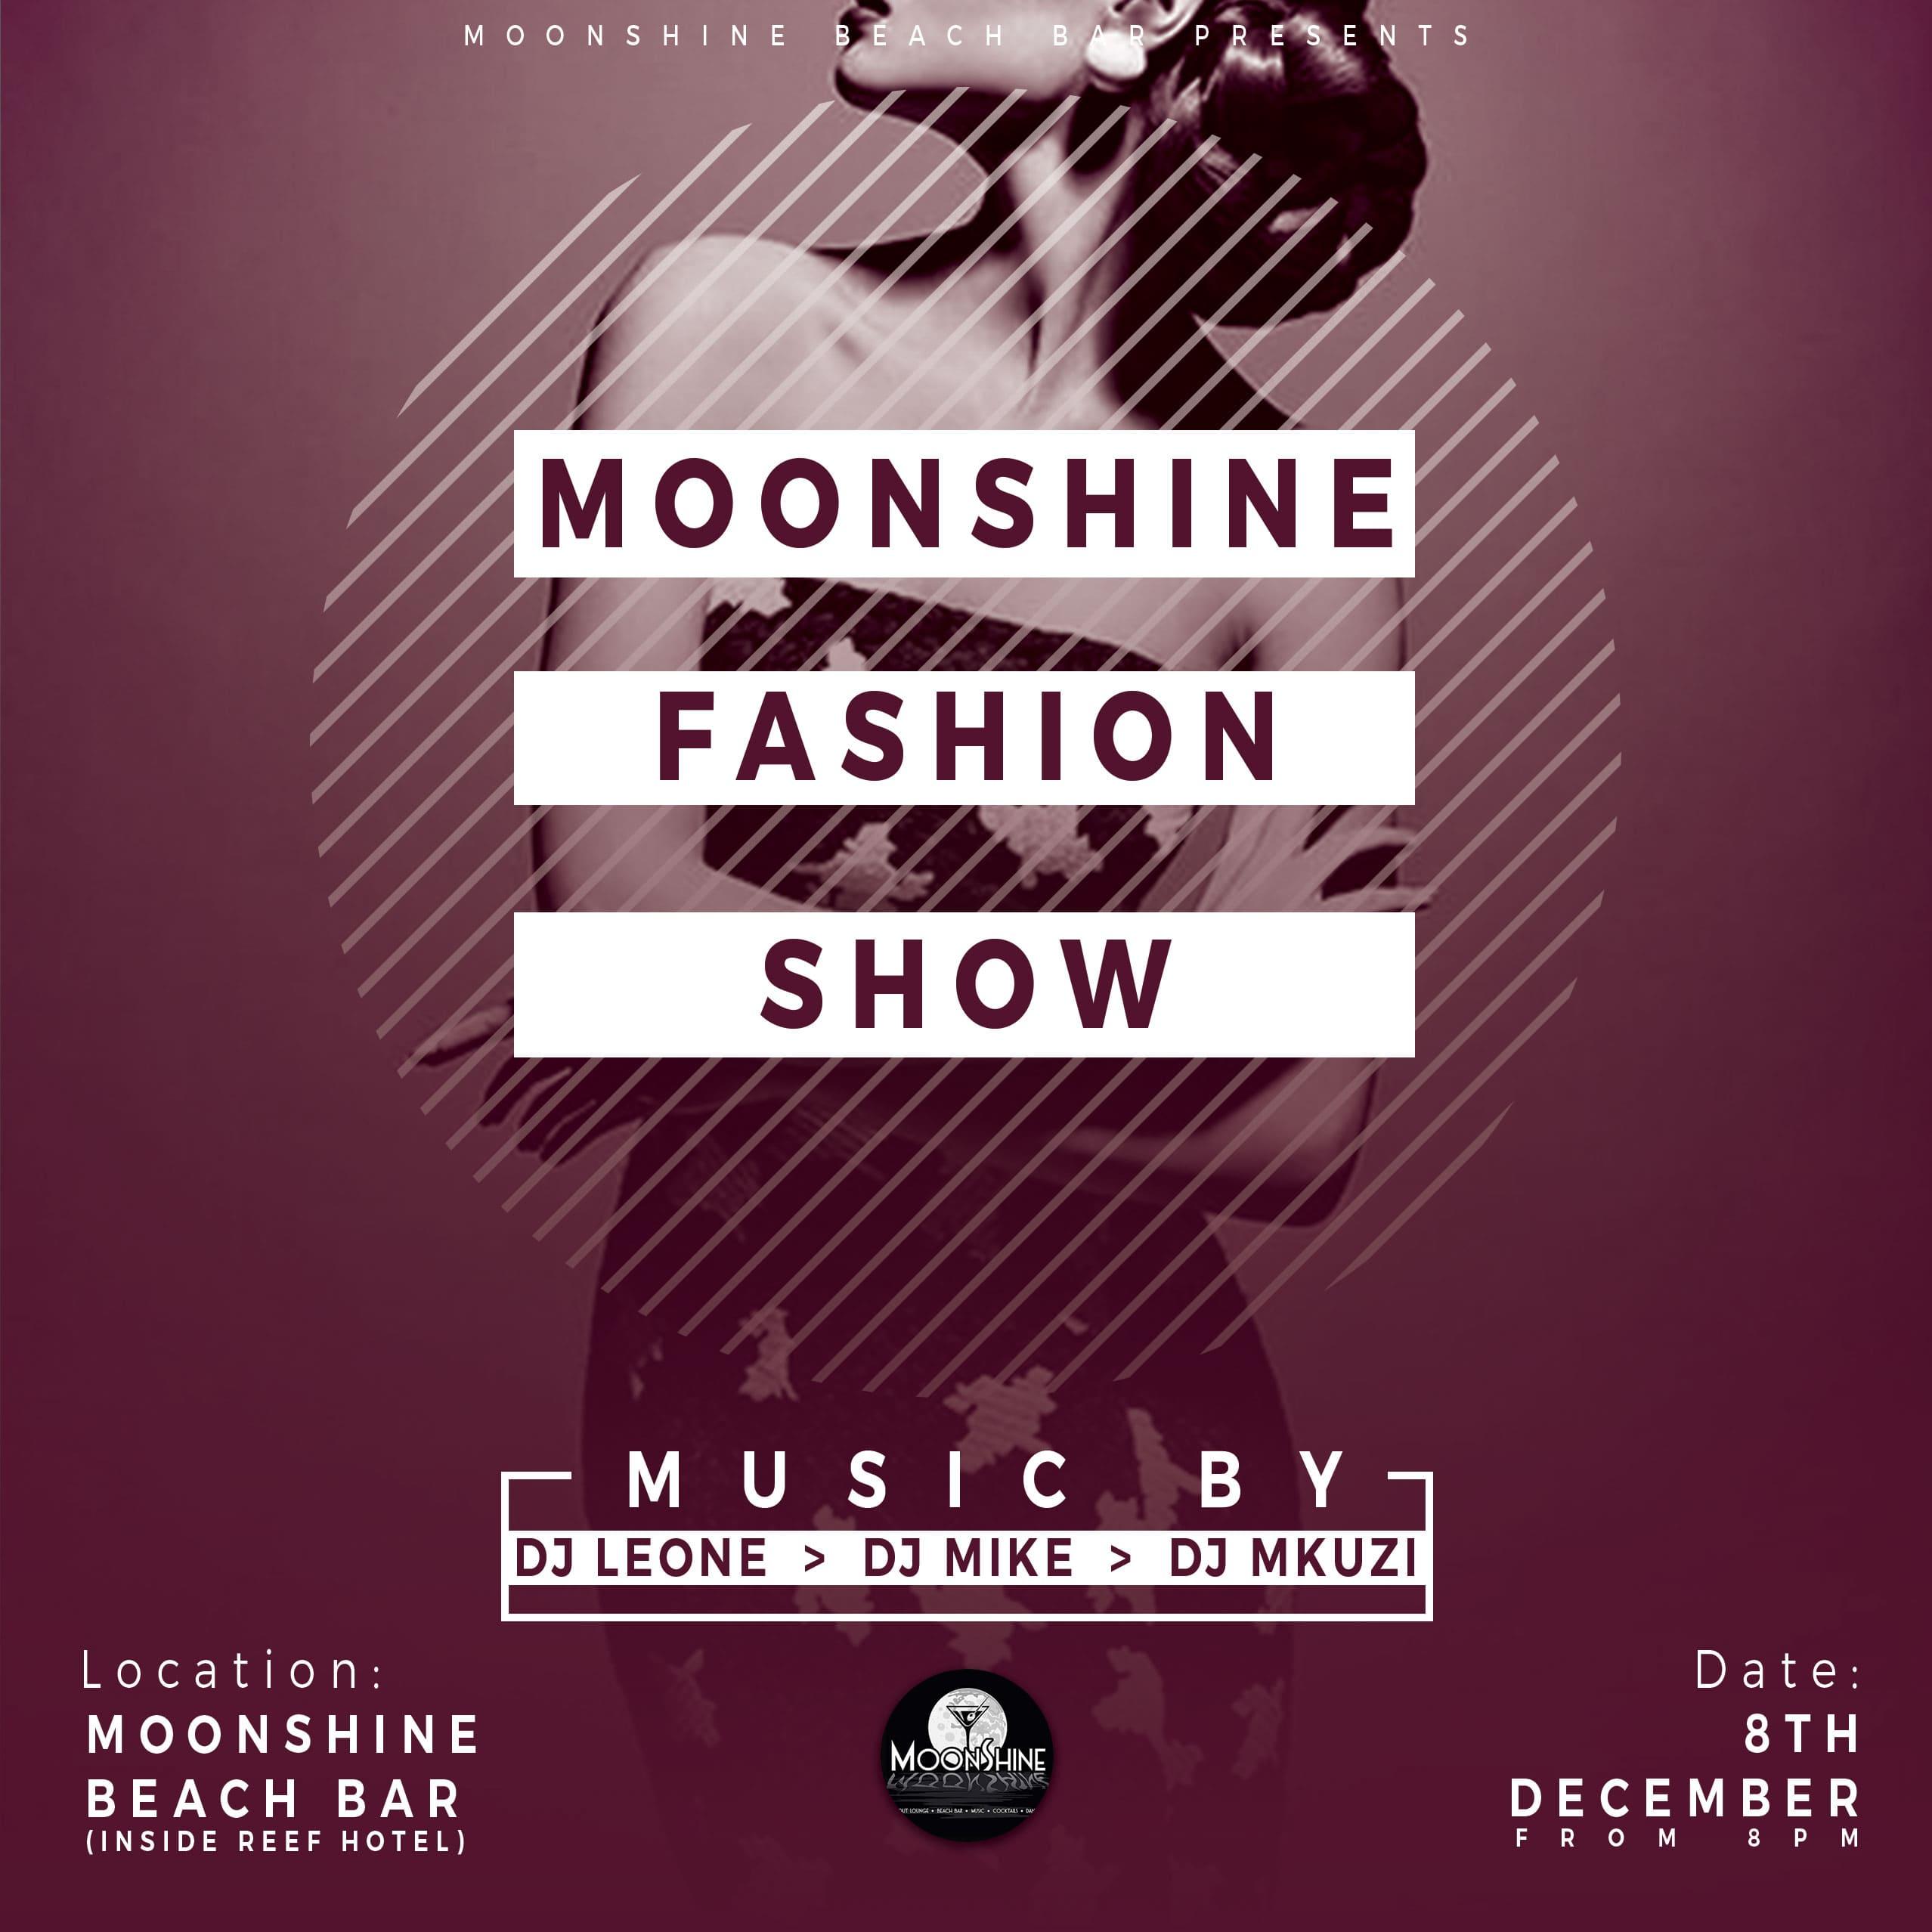 MOONSHINE-FASHION-SHOW-min